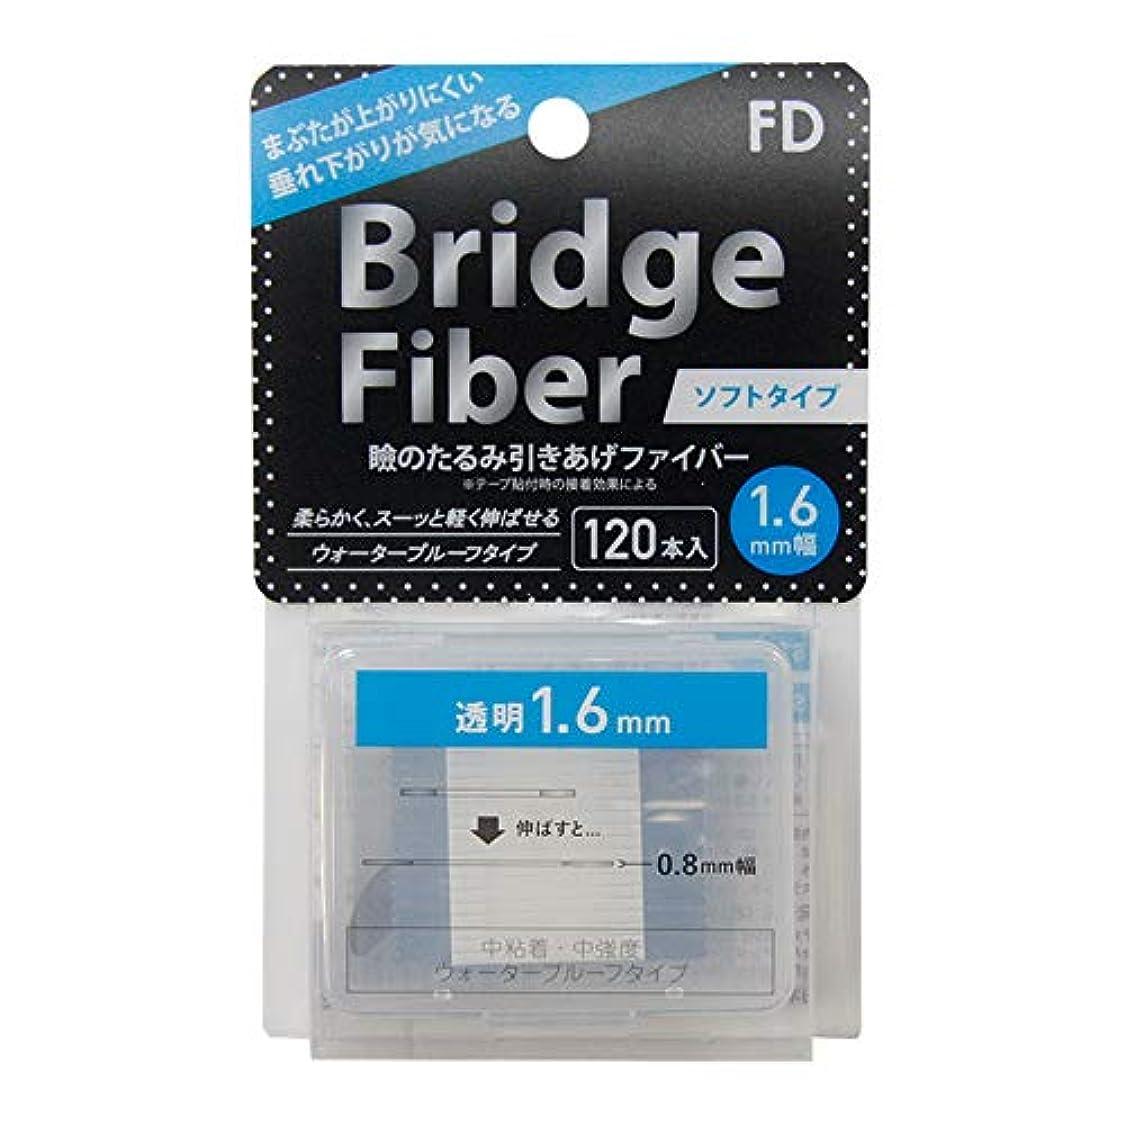 社交的ボア資格FD ブリッジソフトファイバー 眼瞼下垂防止テープ ソフトタイプ 透明1.6mm幅 120本入り